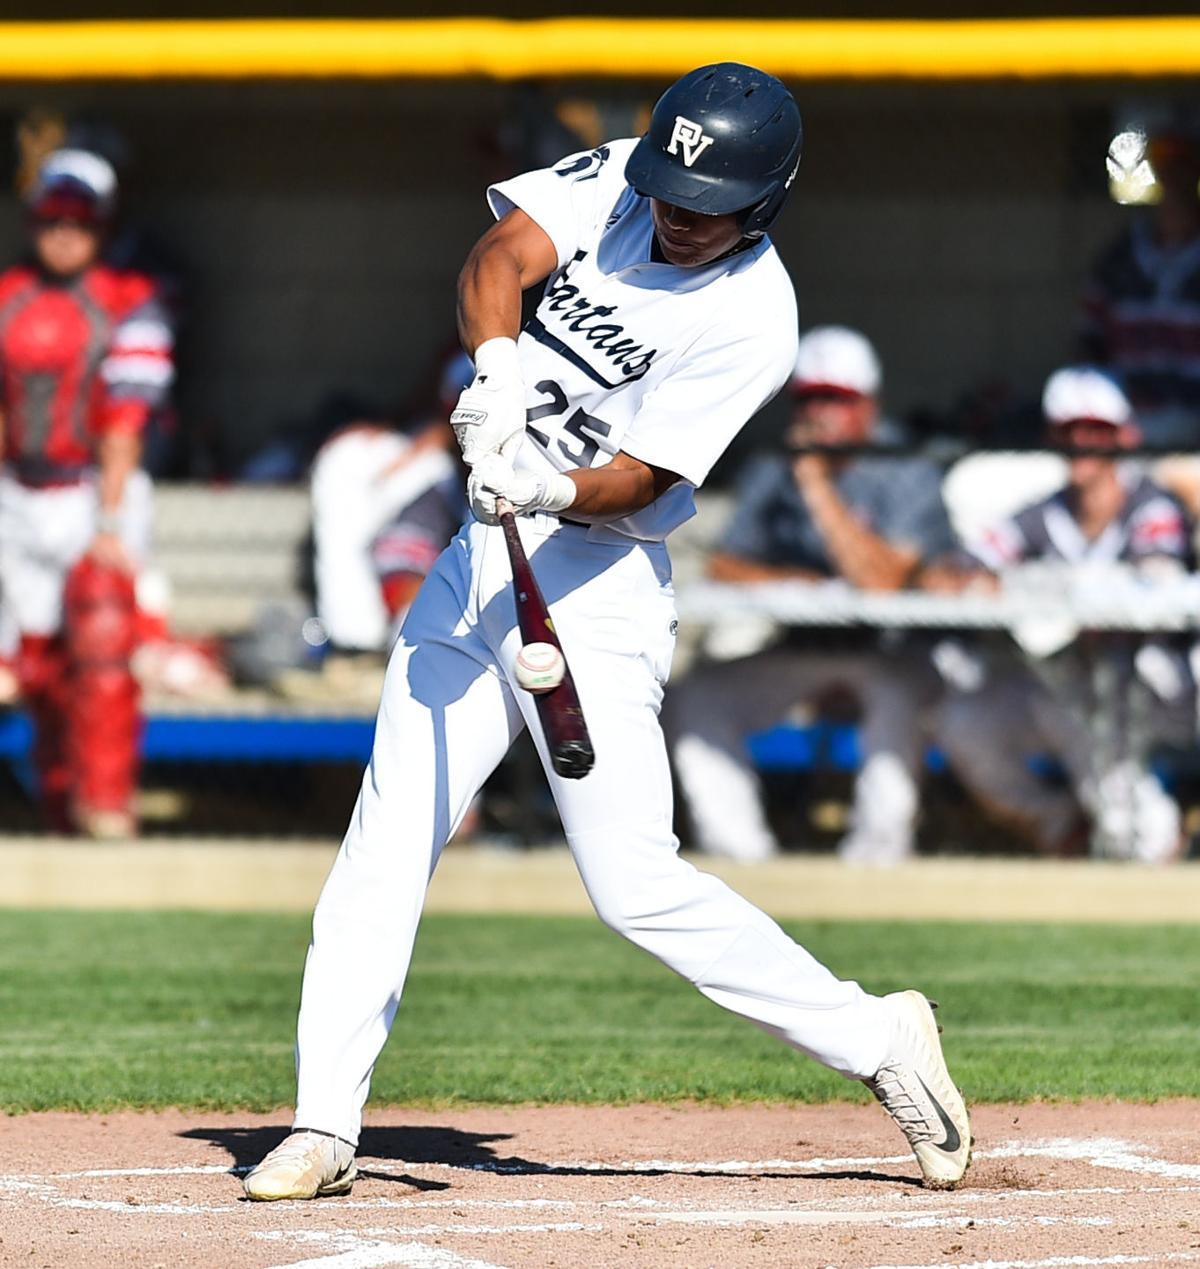 070220-qc-spt-ns-pv-baseball-017